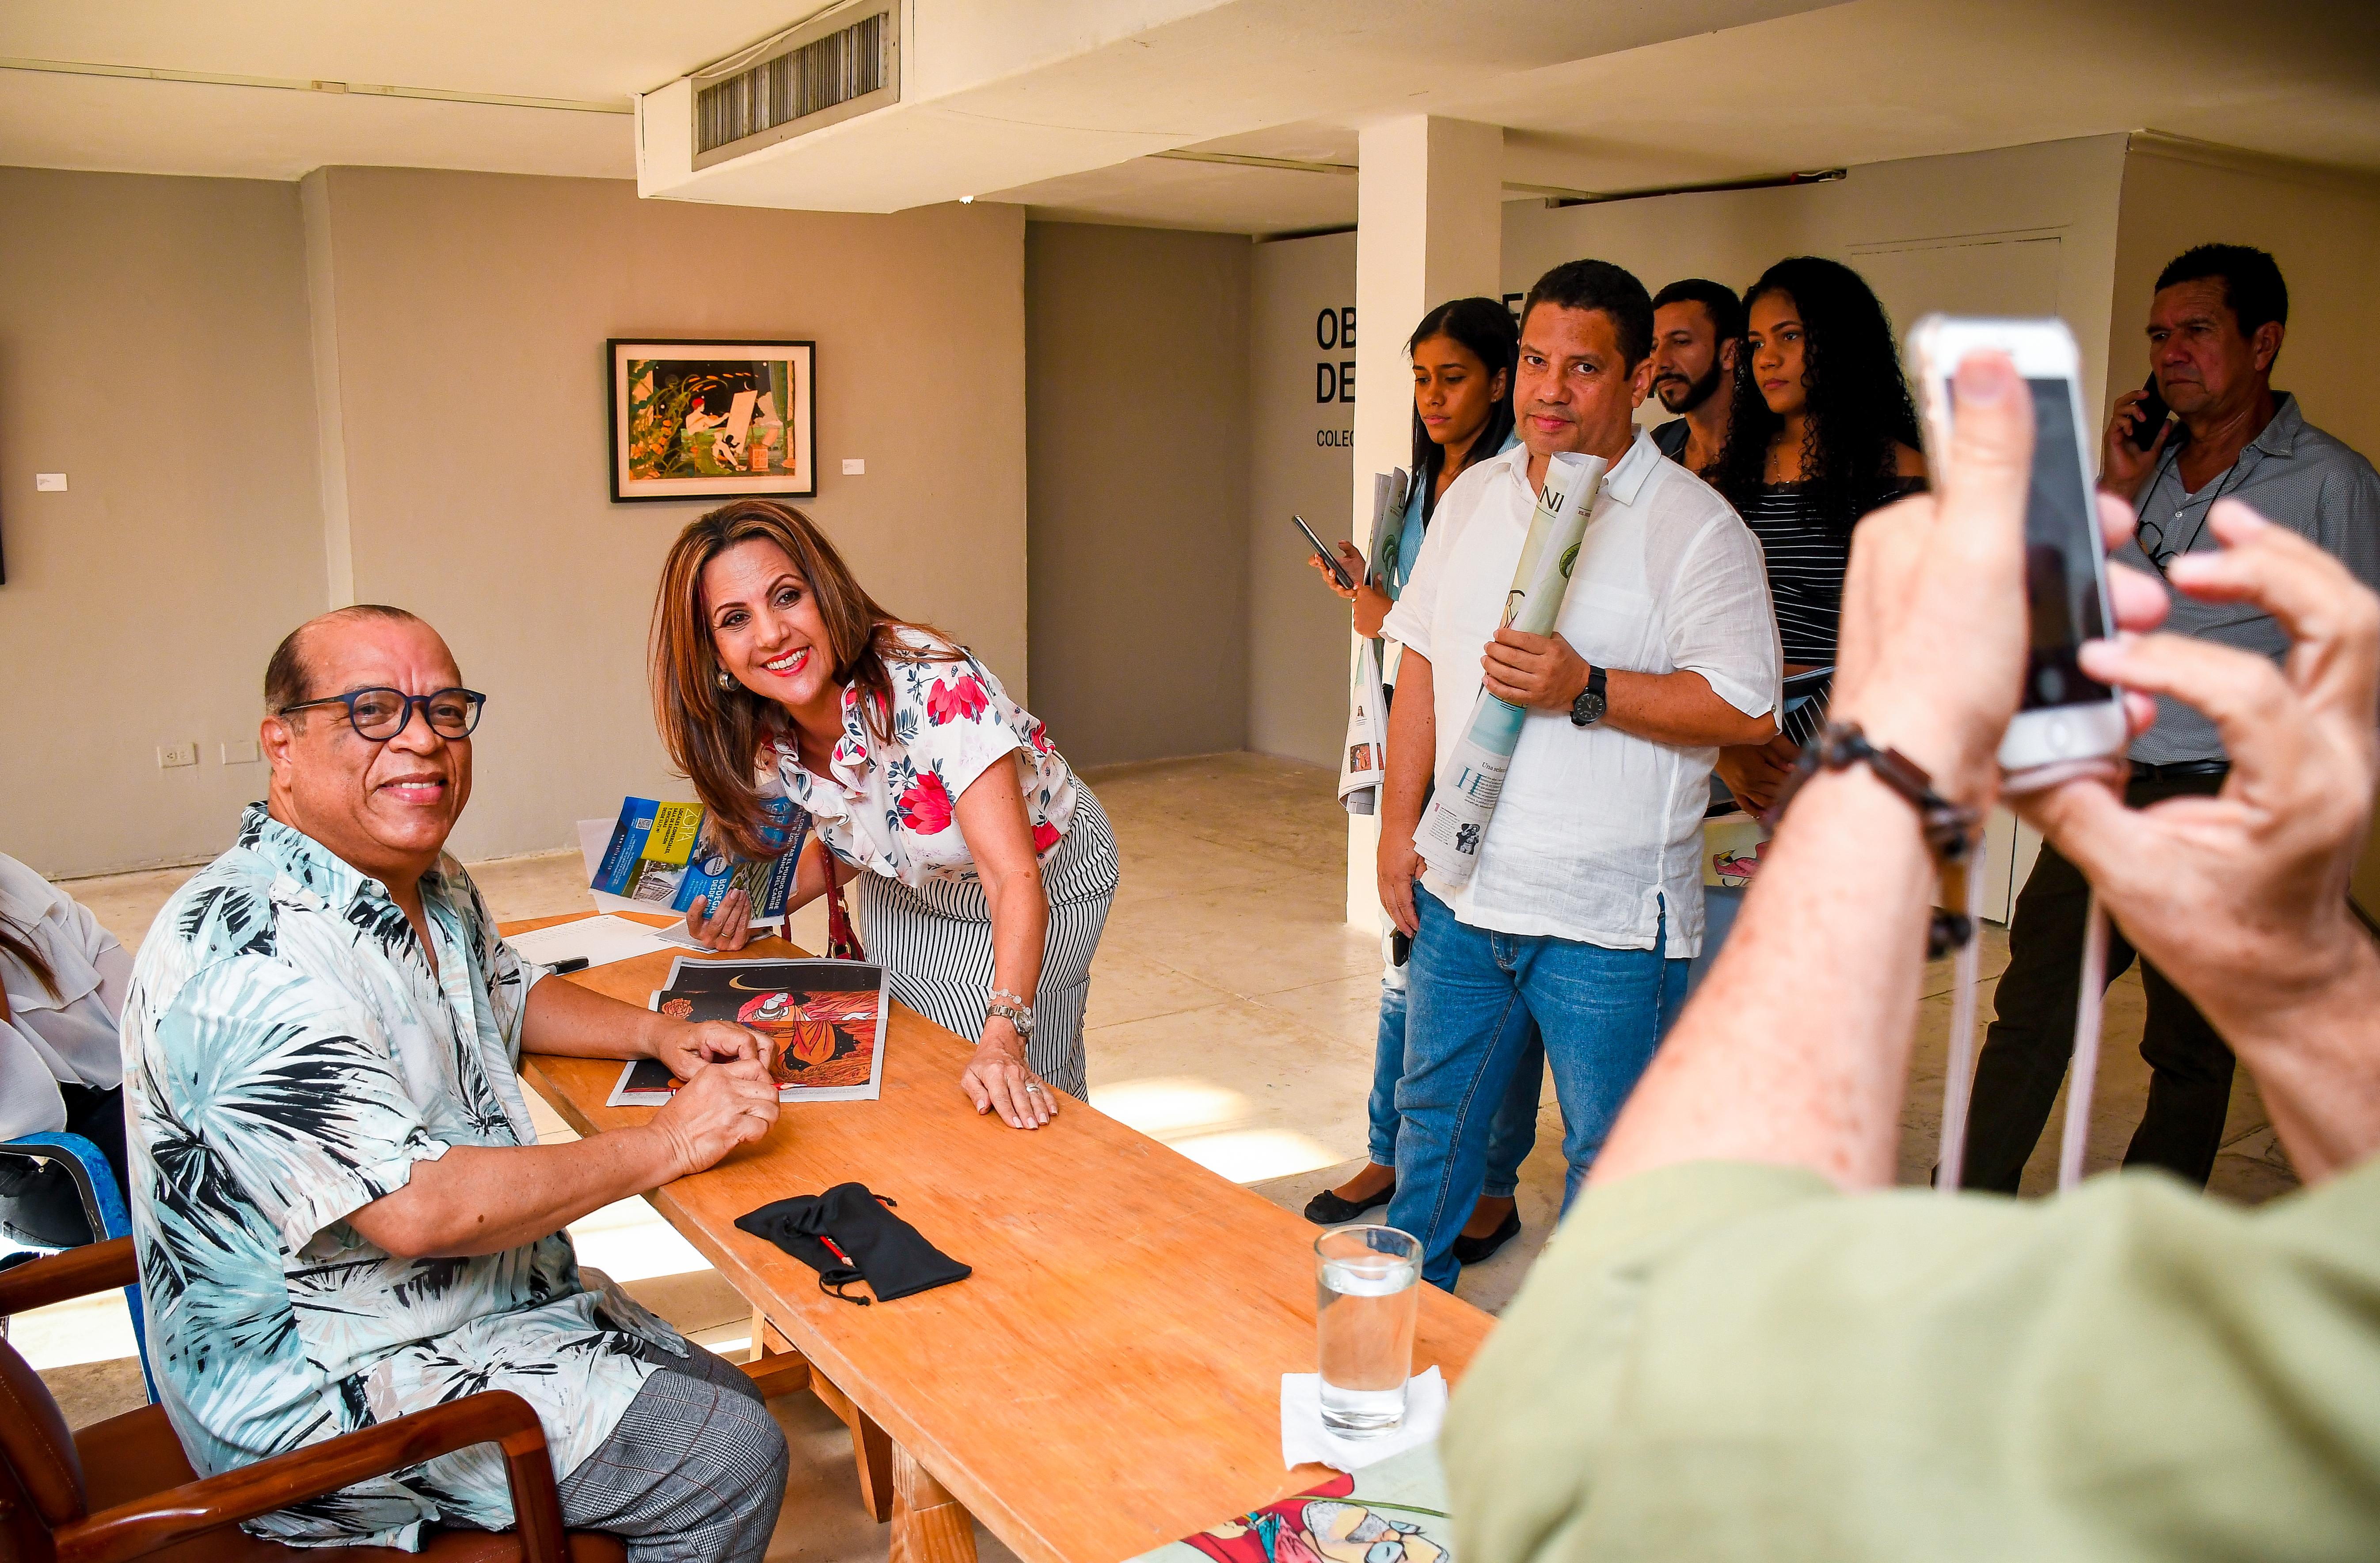 Barrios posa junto con la galerista Elsa Piñeres.